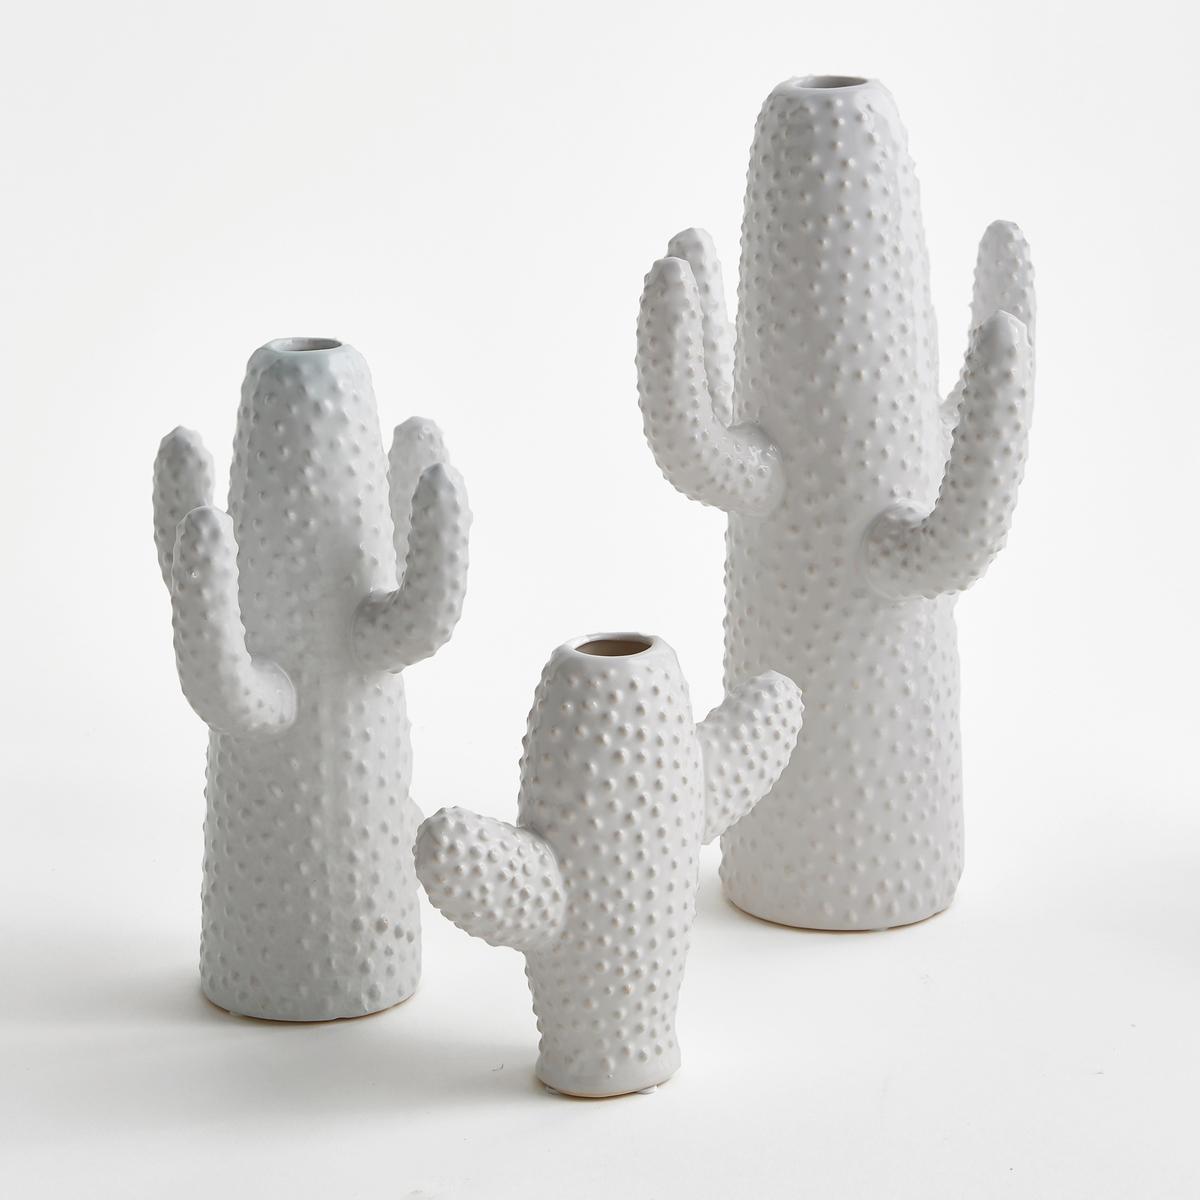 Ваза Cactus, высота 29 см, дизайн М. Михельссен для SeraxВаза Cactus. Ваза для одного цветка из керамики, красиво смотрится с цветком и как отдельный предмет декора. Мари Михельссен - дизайнер. Она черпает вдохновение в повседневной жизни и в различных элементах, которые стимулируют ее дух. Для Serax она создала эту вазу в форме кактуса.     На сайте представлены 3 размера белого и зеленого цветов для придания пикантности Вашему декору.    Характеристики : - Из керамики, покрытой глазурью   Размеры : - Ш.19 x В.29 x Г.17 см.<br><br>Цвет: белый<br>Размер: единый размер